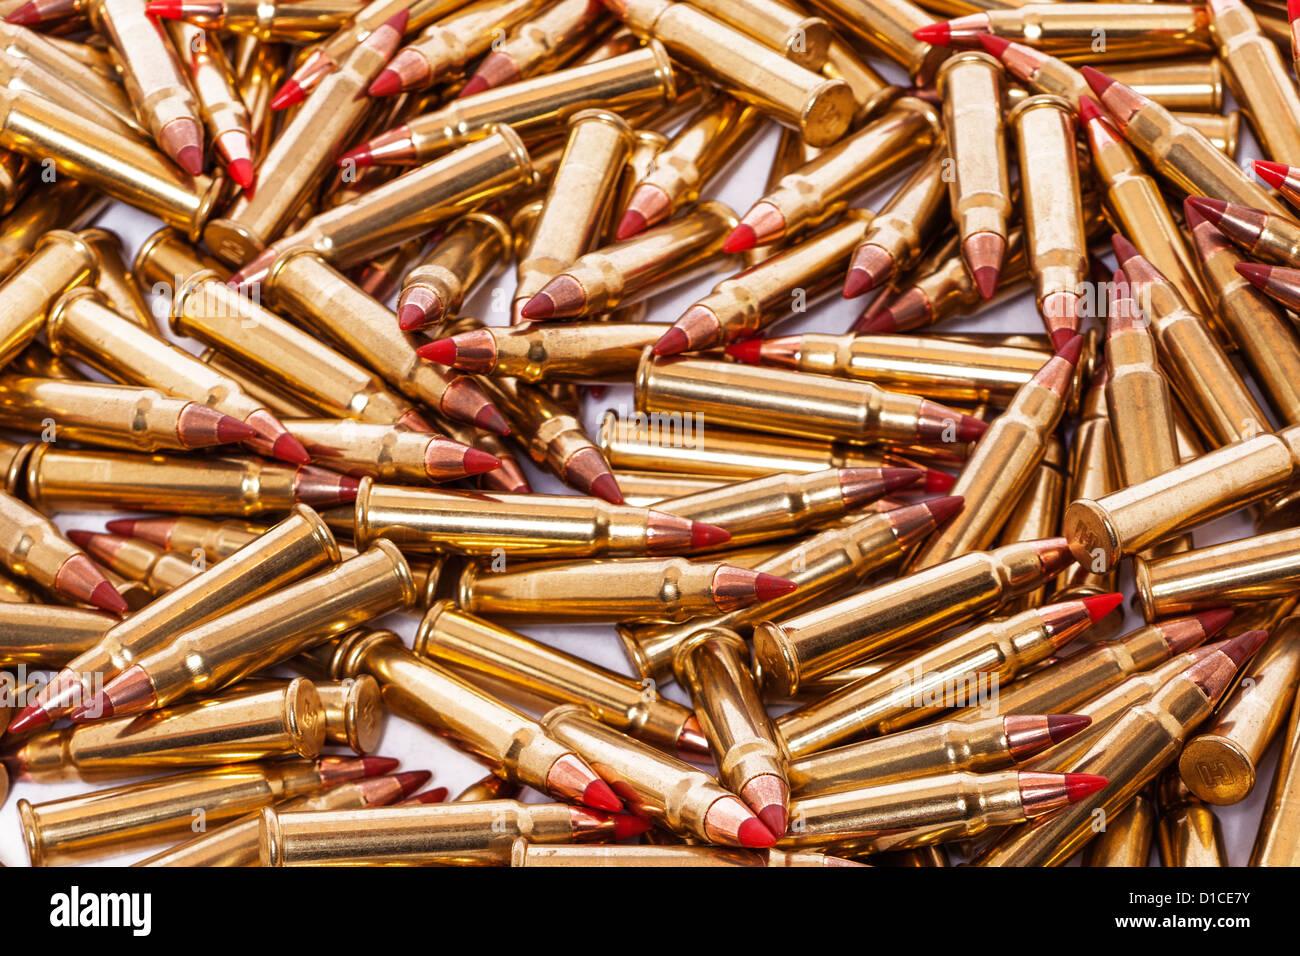 Eine Auswahl von 17 GR. V-Max hohe Geschwindigkeit Gewehrkugeln Stockbild